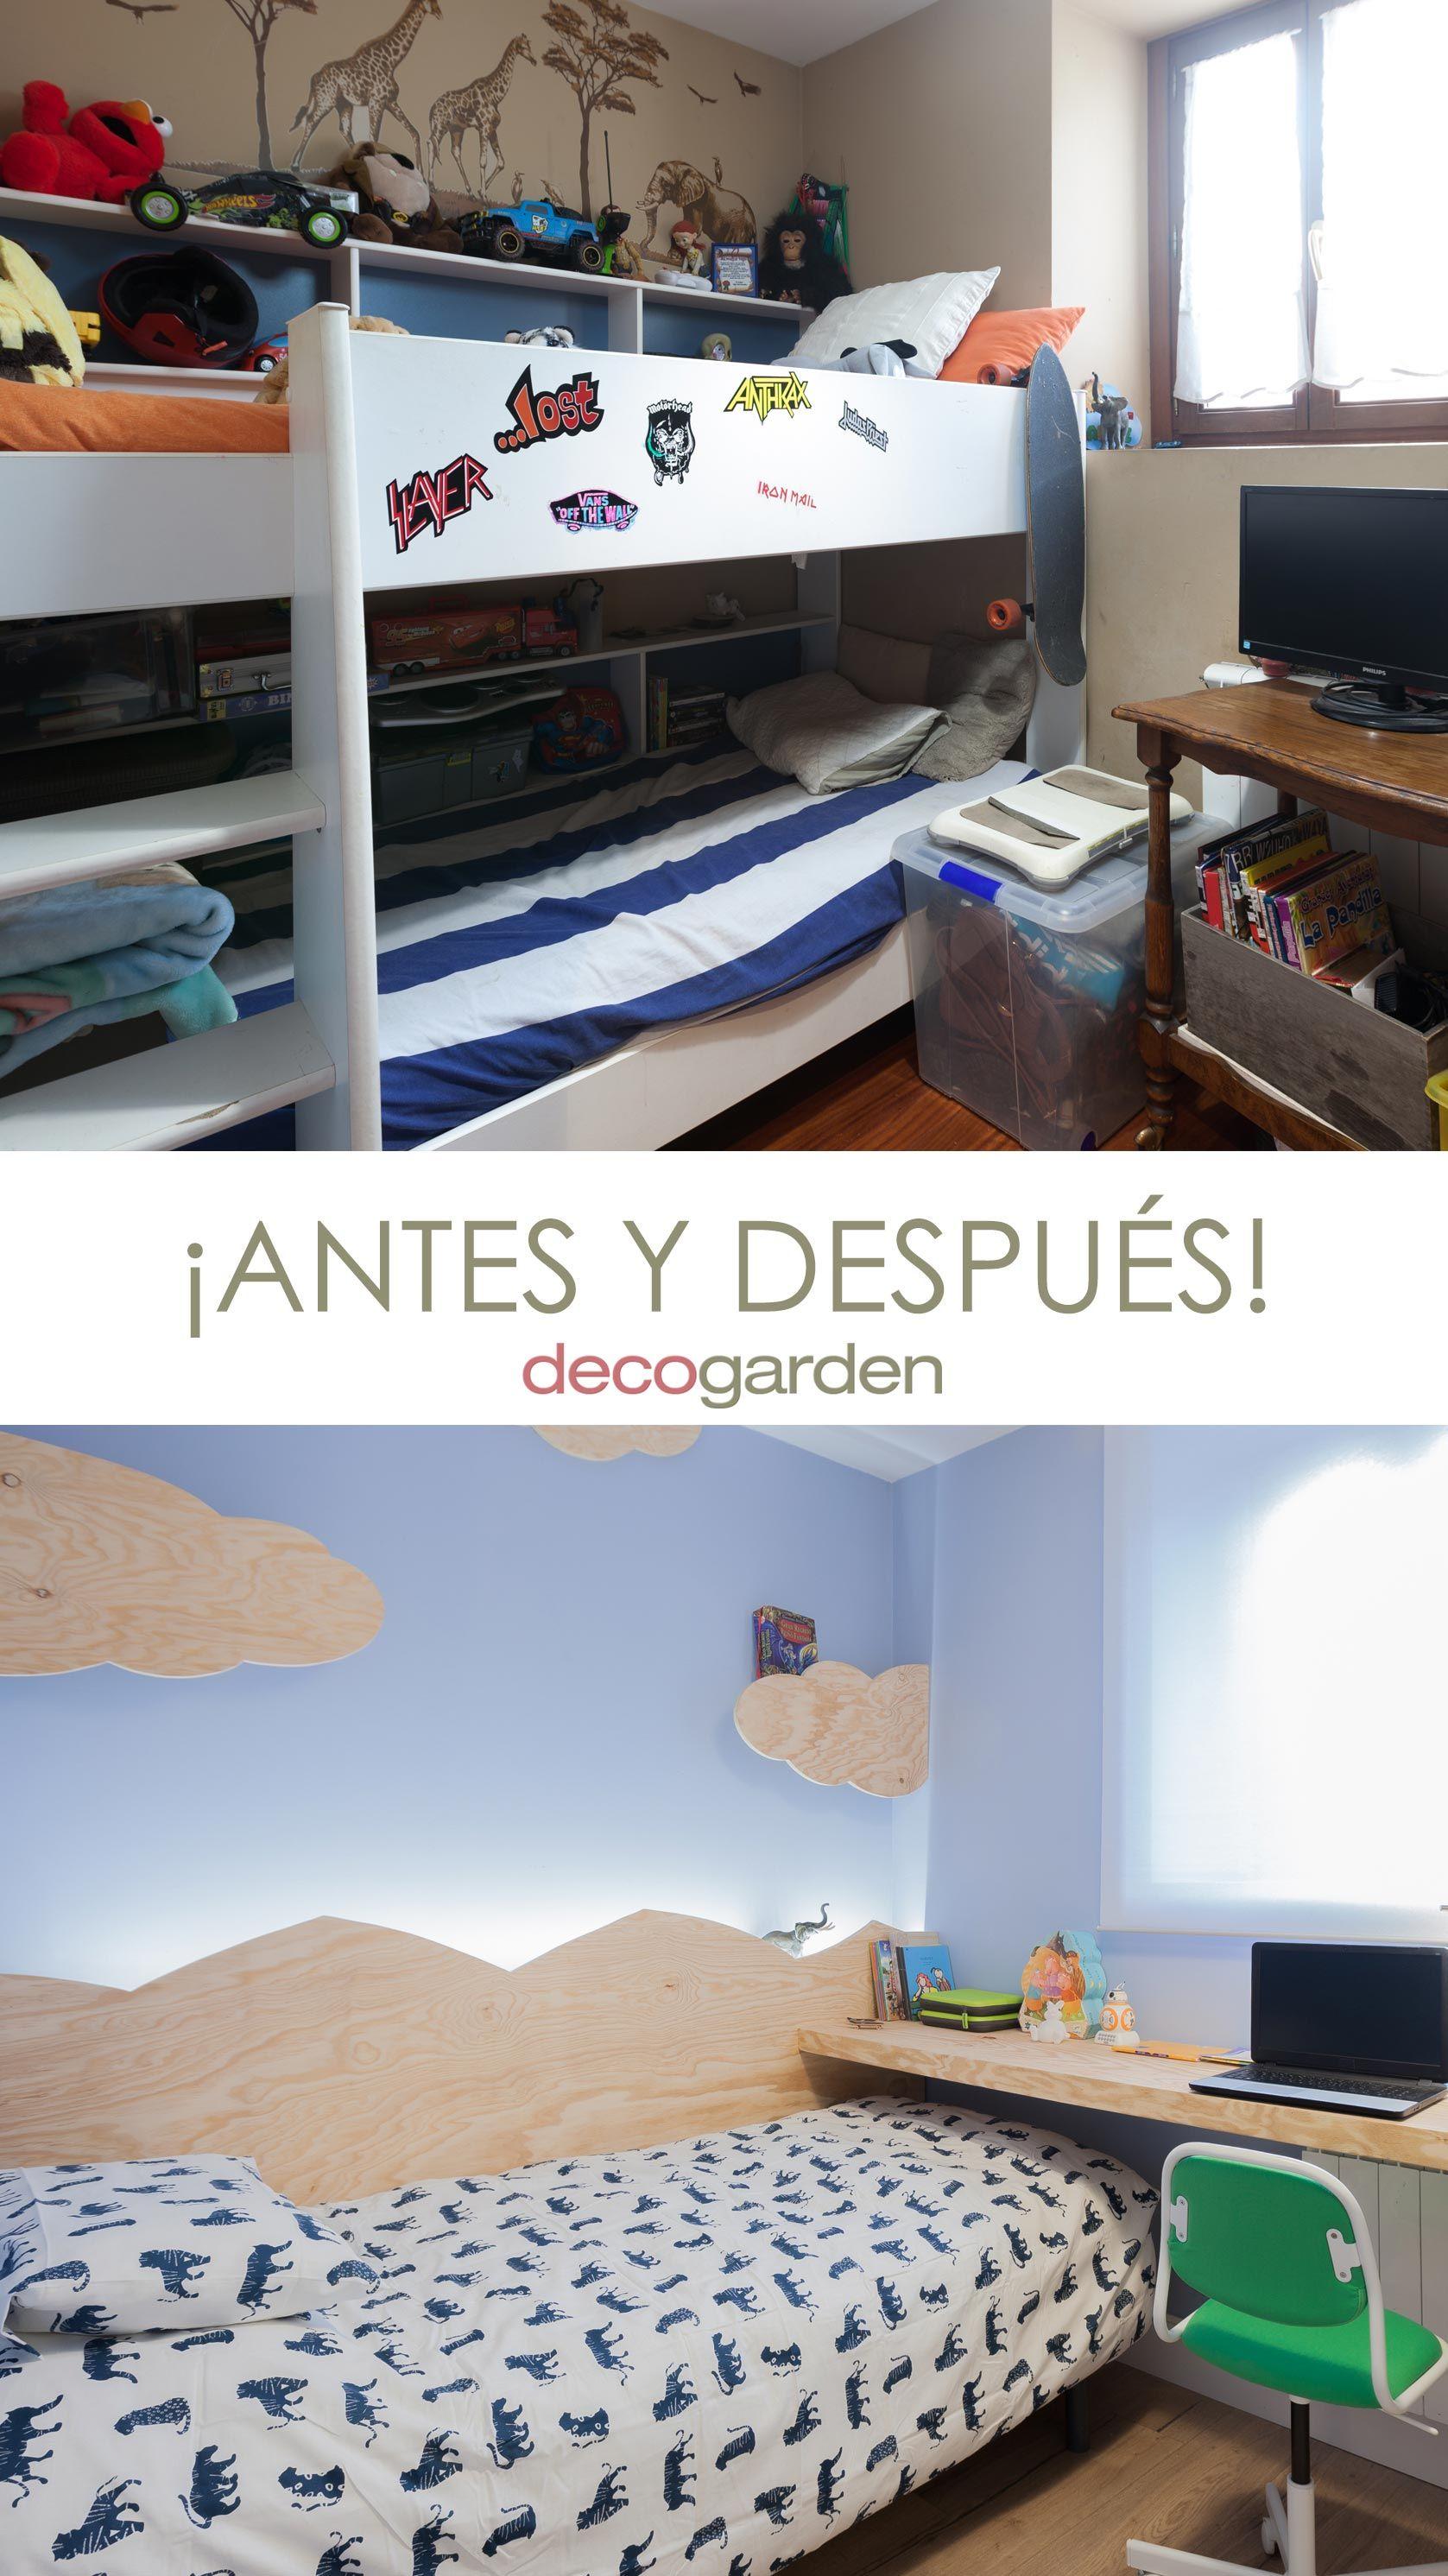 decorar un dormitorio infantil con escritorio y friso de madera - antes y después